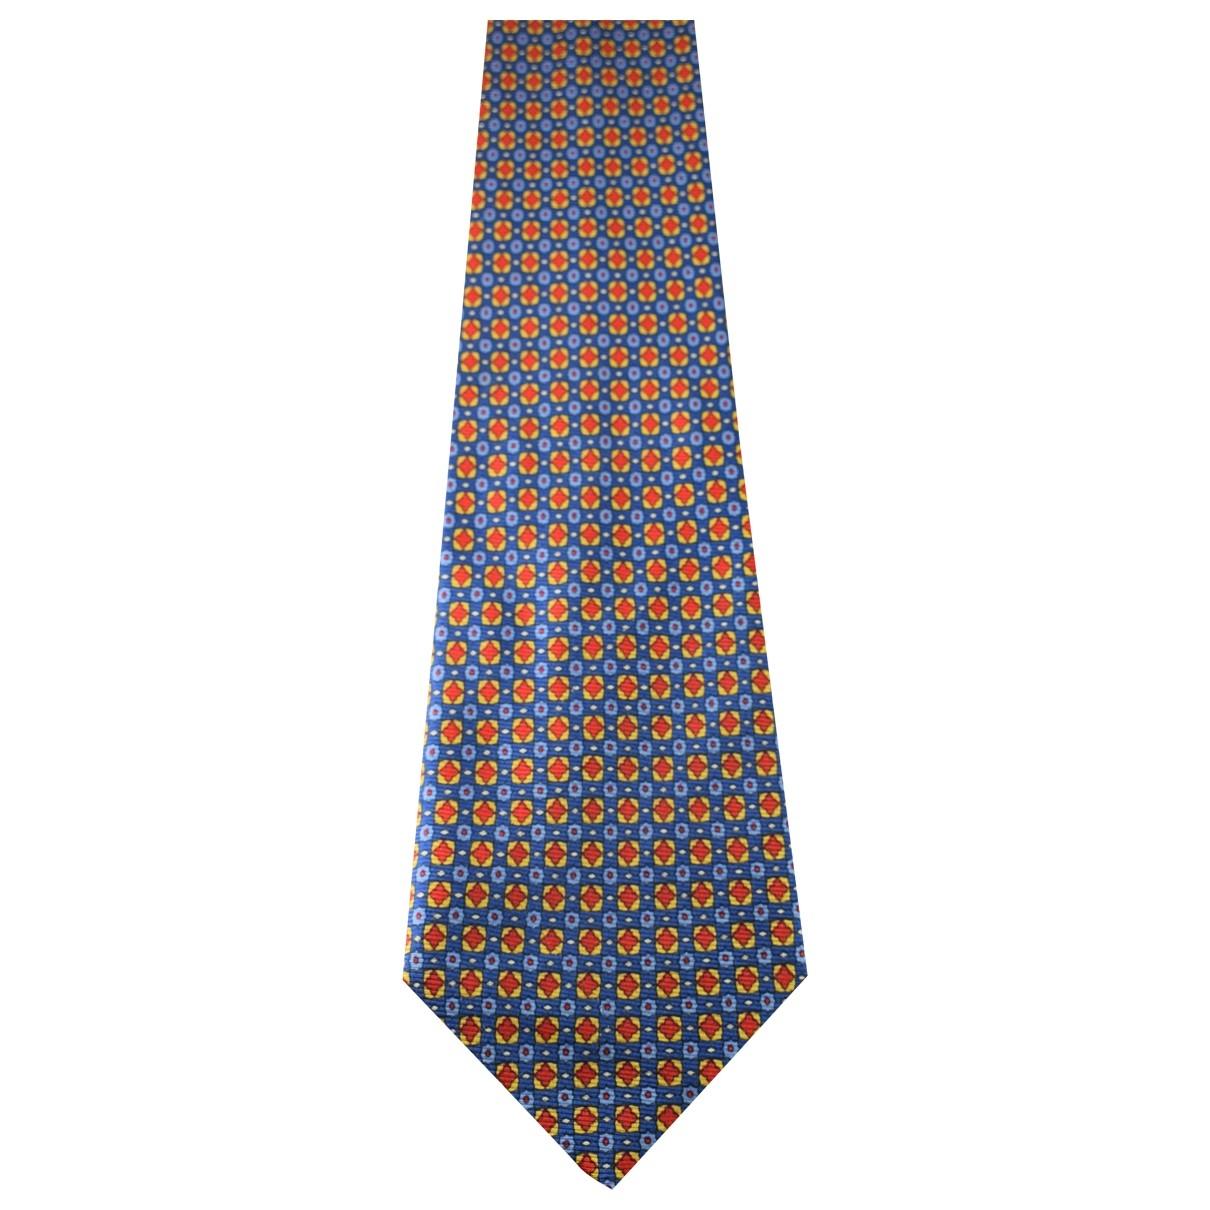 Pierre Balmain - Cravates   pour homme en soie - multicolore